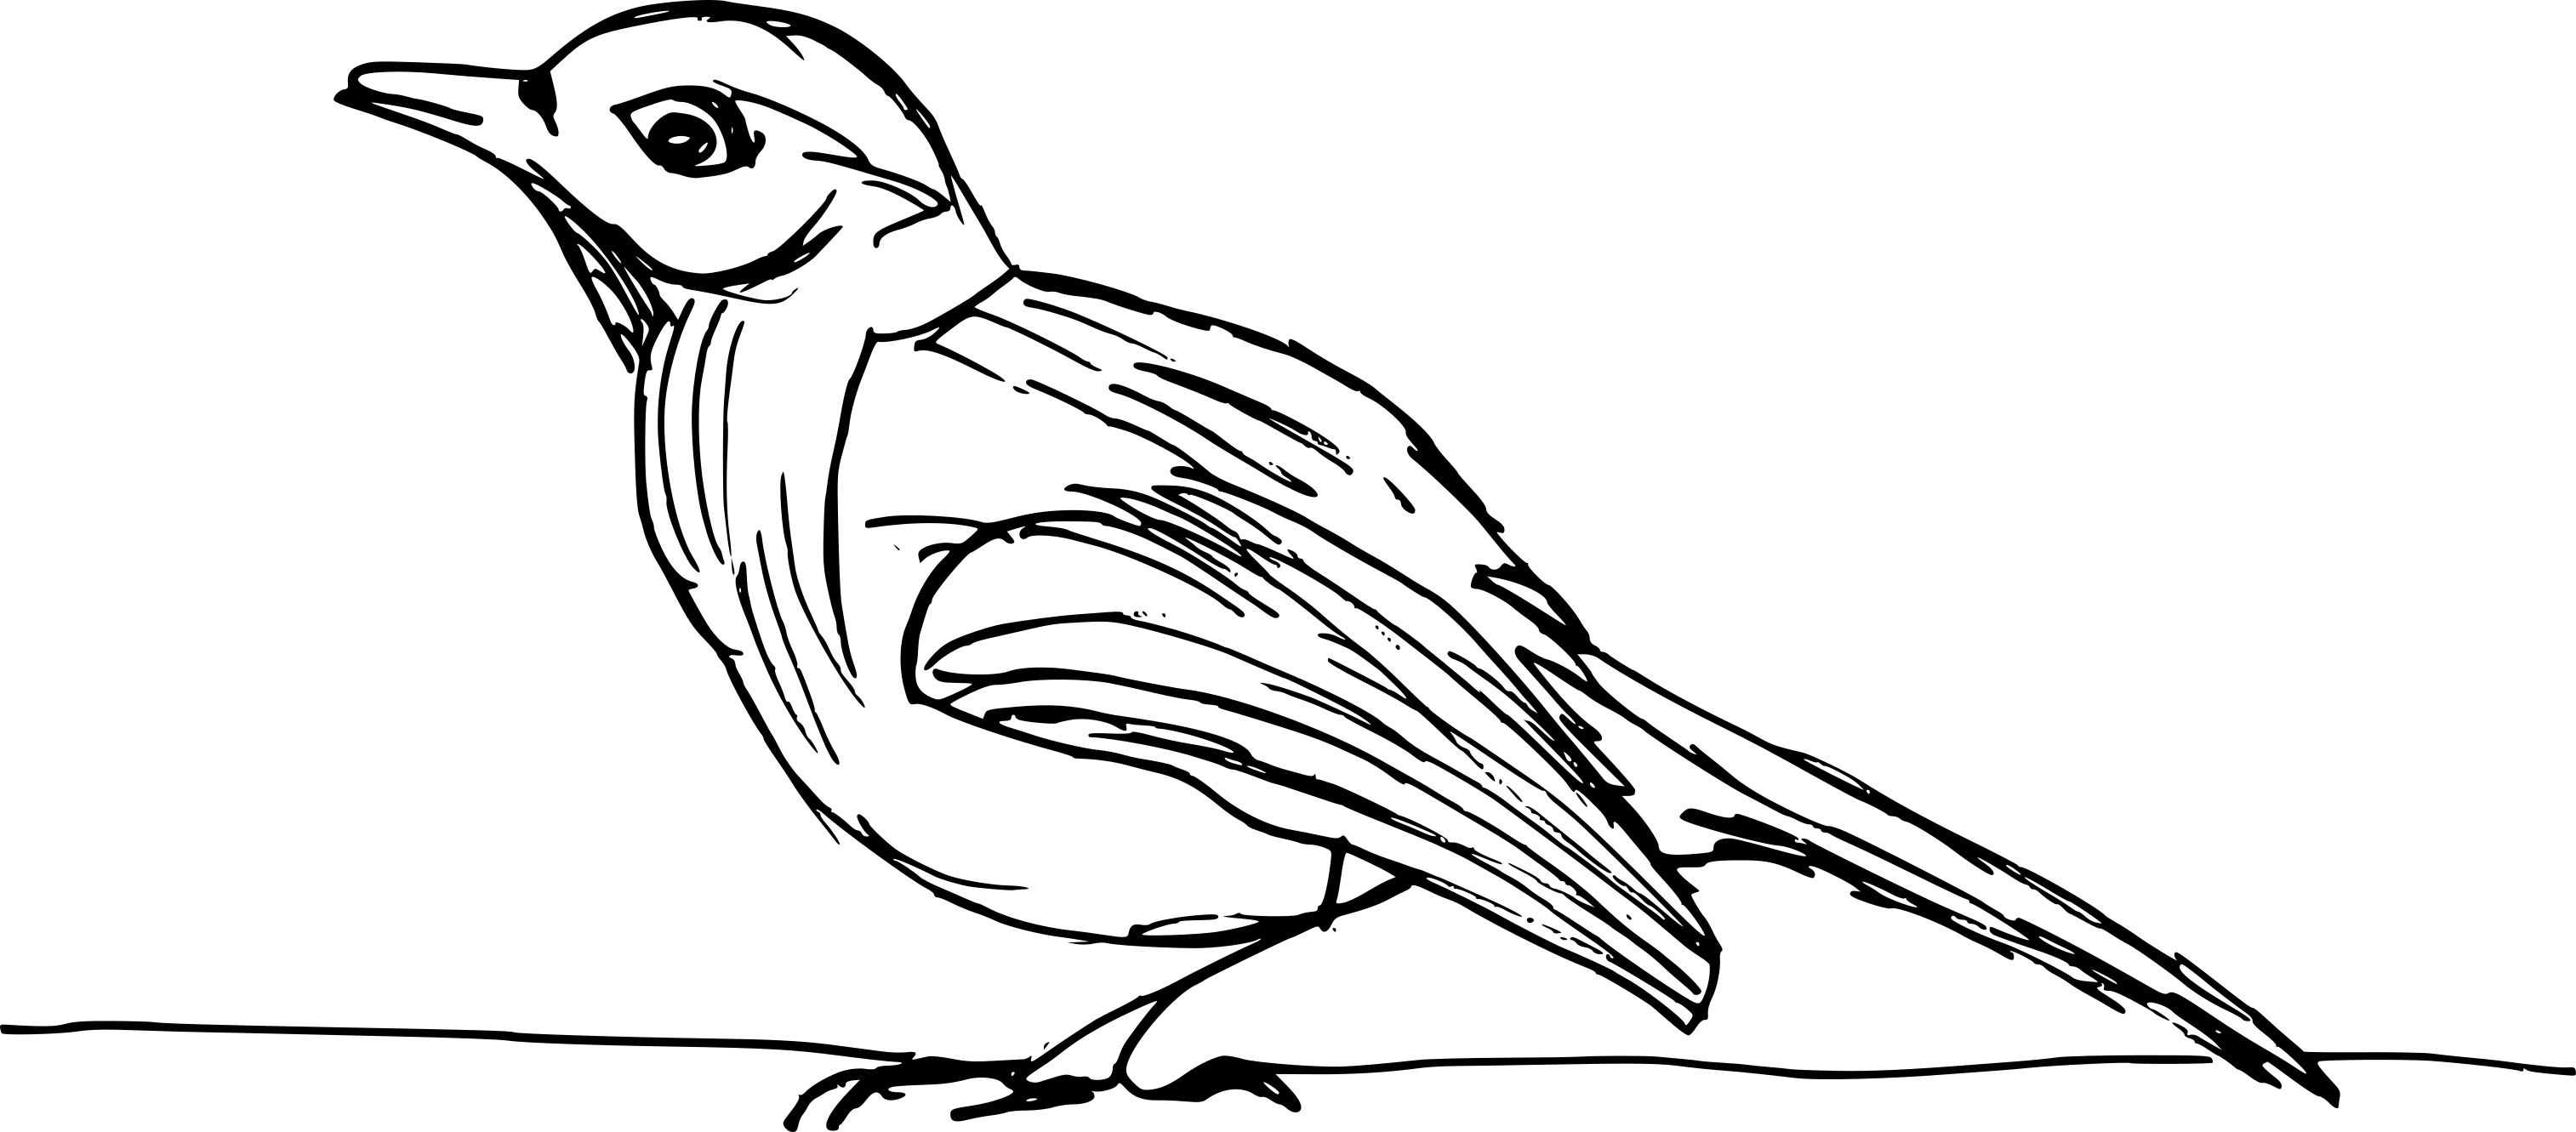 8 Bird Drawing Png Transparent Onlygfx Com